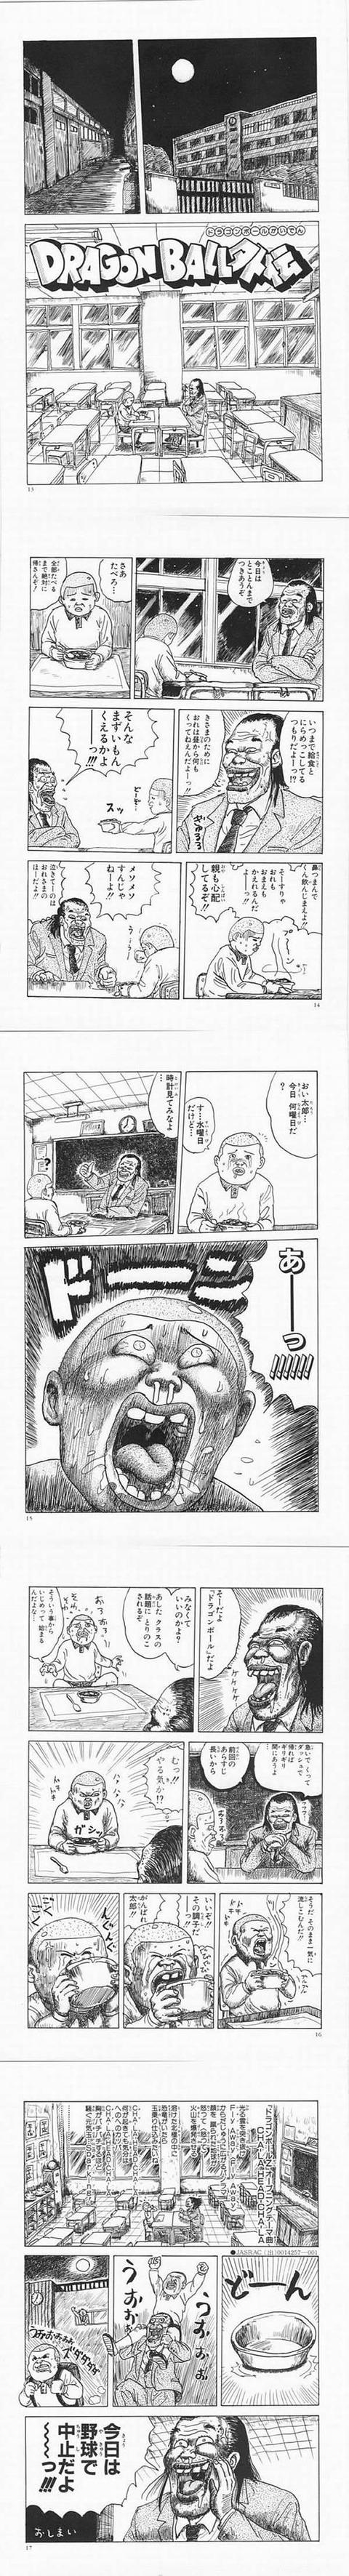 漫画太郎先生のデビュー作品